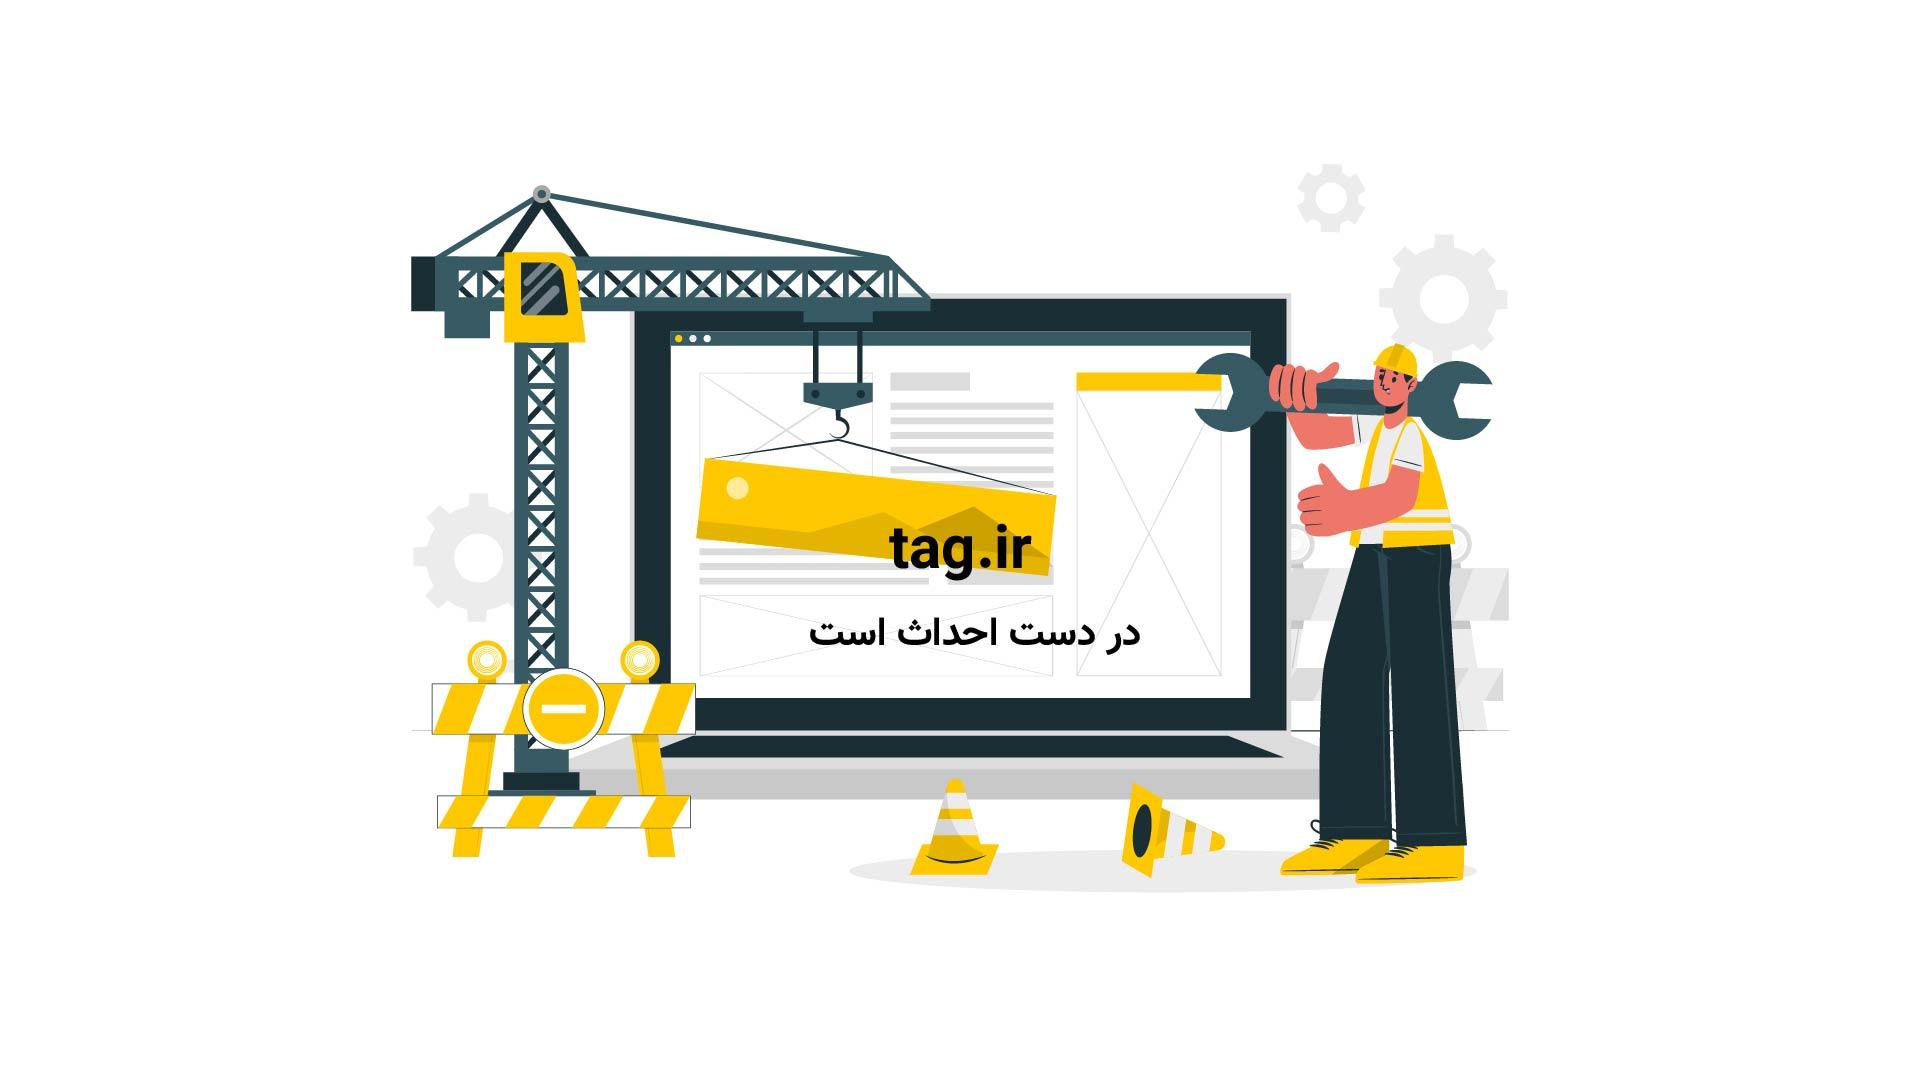 هاتگرام | تگ